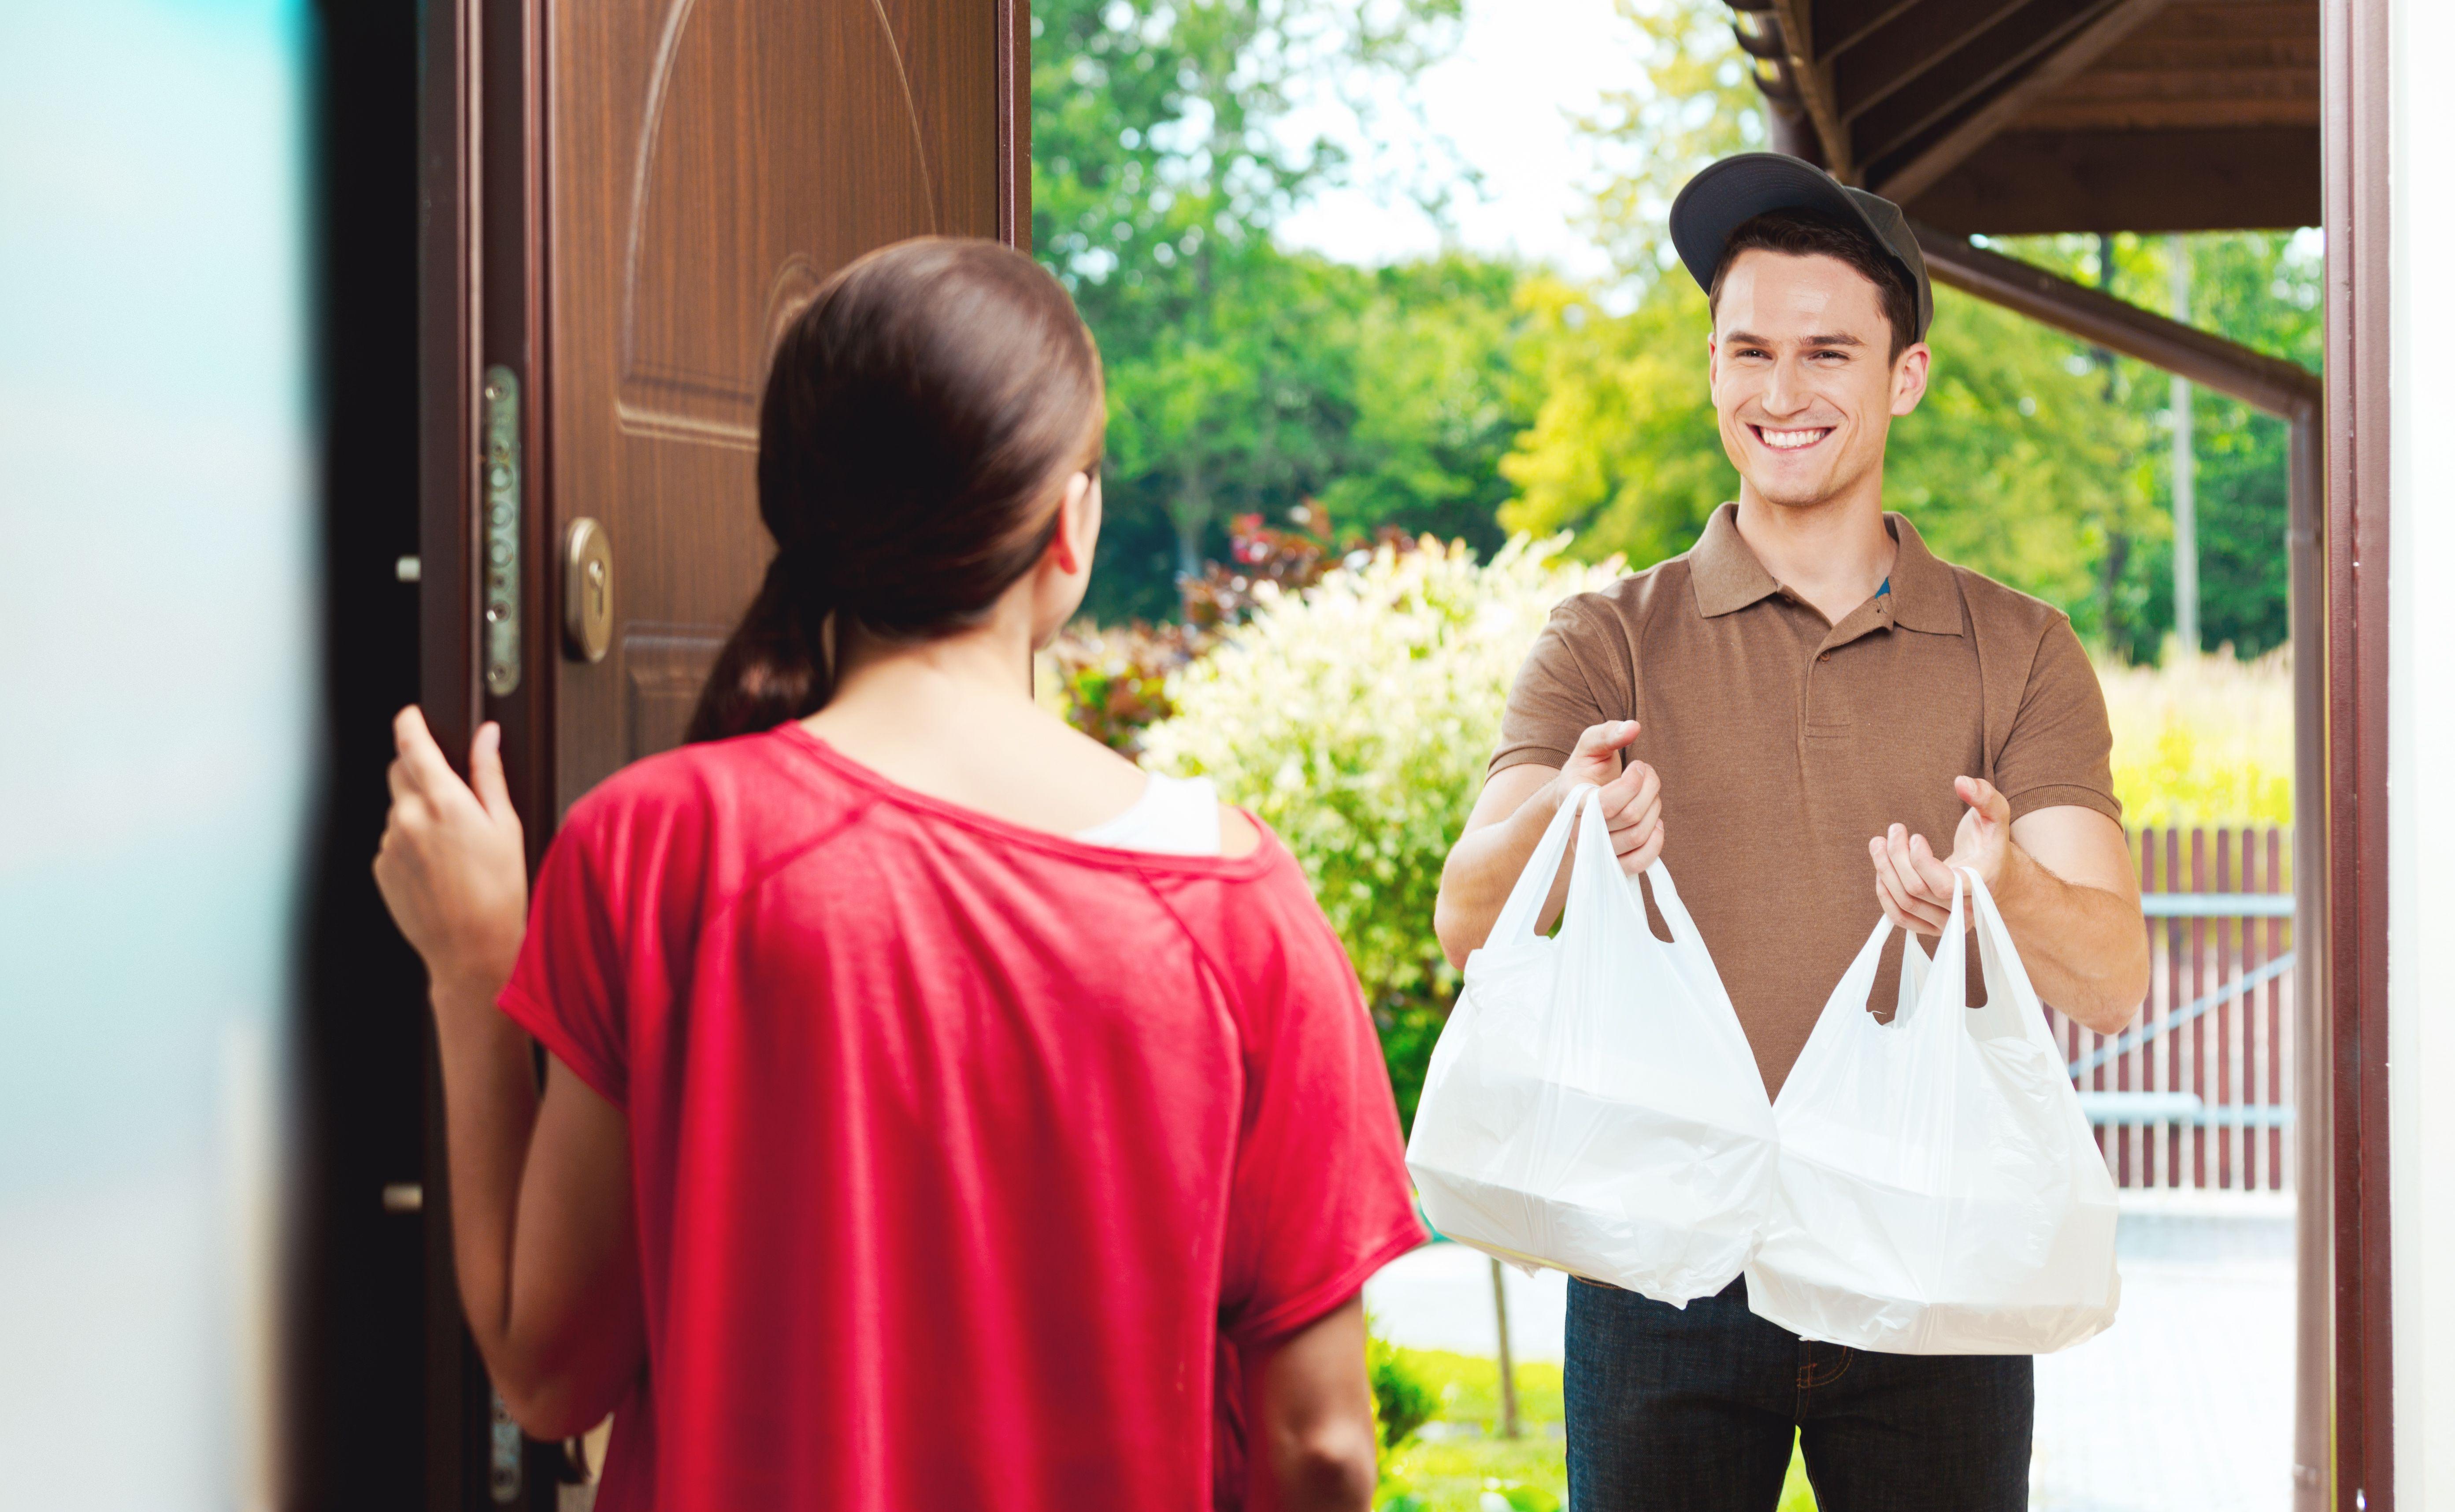 Servicio a domicilio y hostelería: Productos y servicios de Carnicería Antonio Mateo